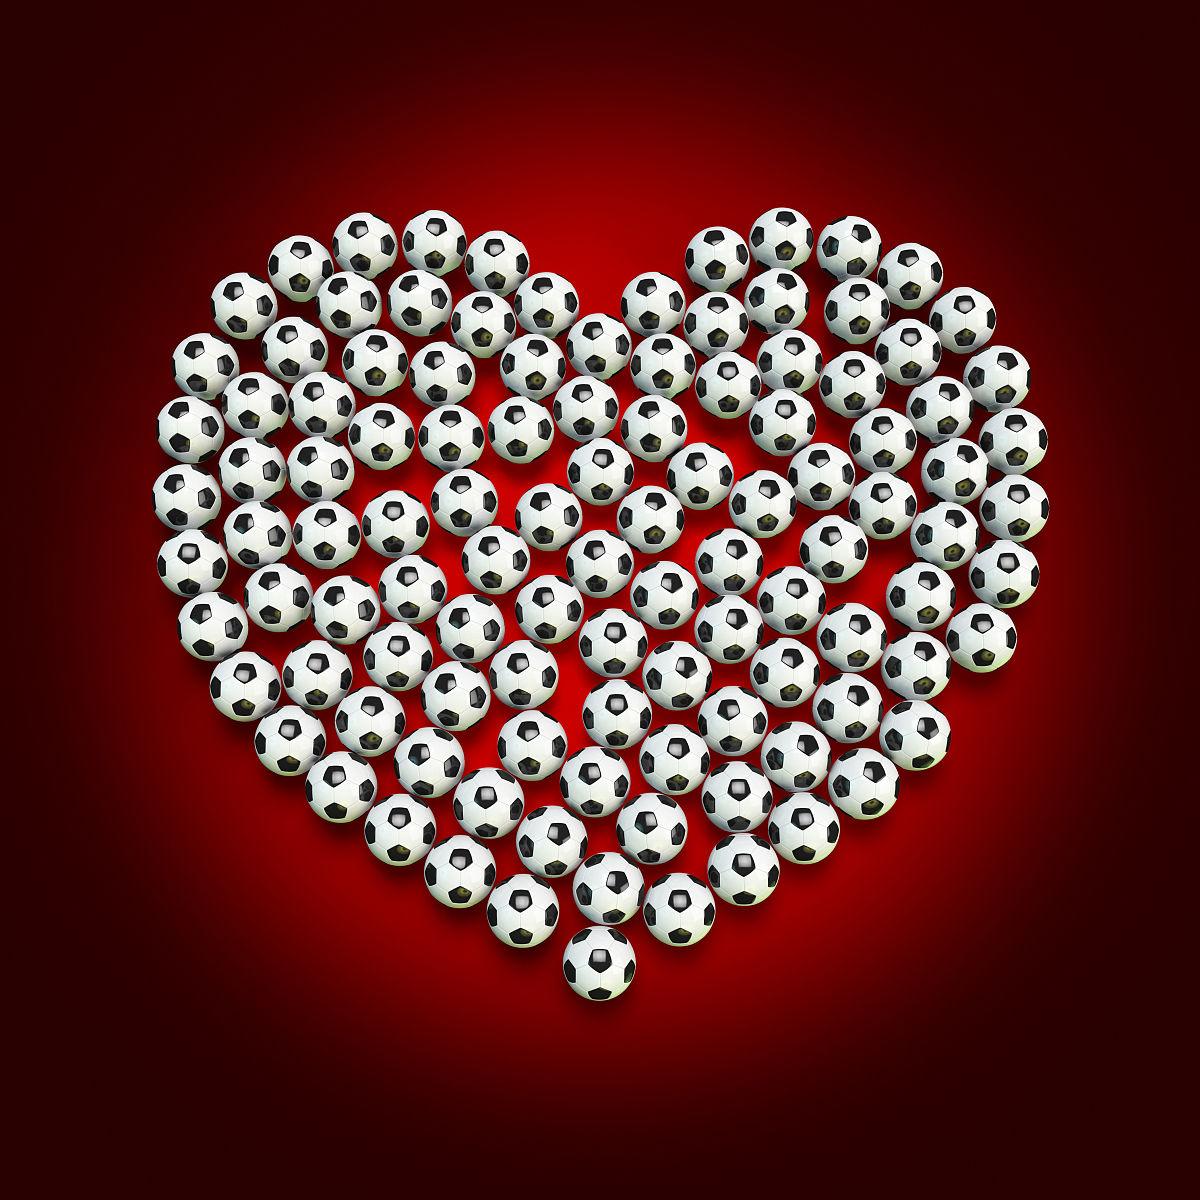 安排在一个心的形状的足球图片